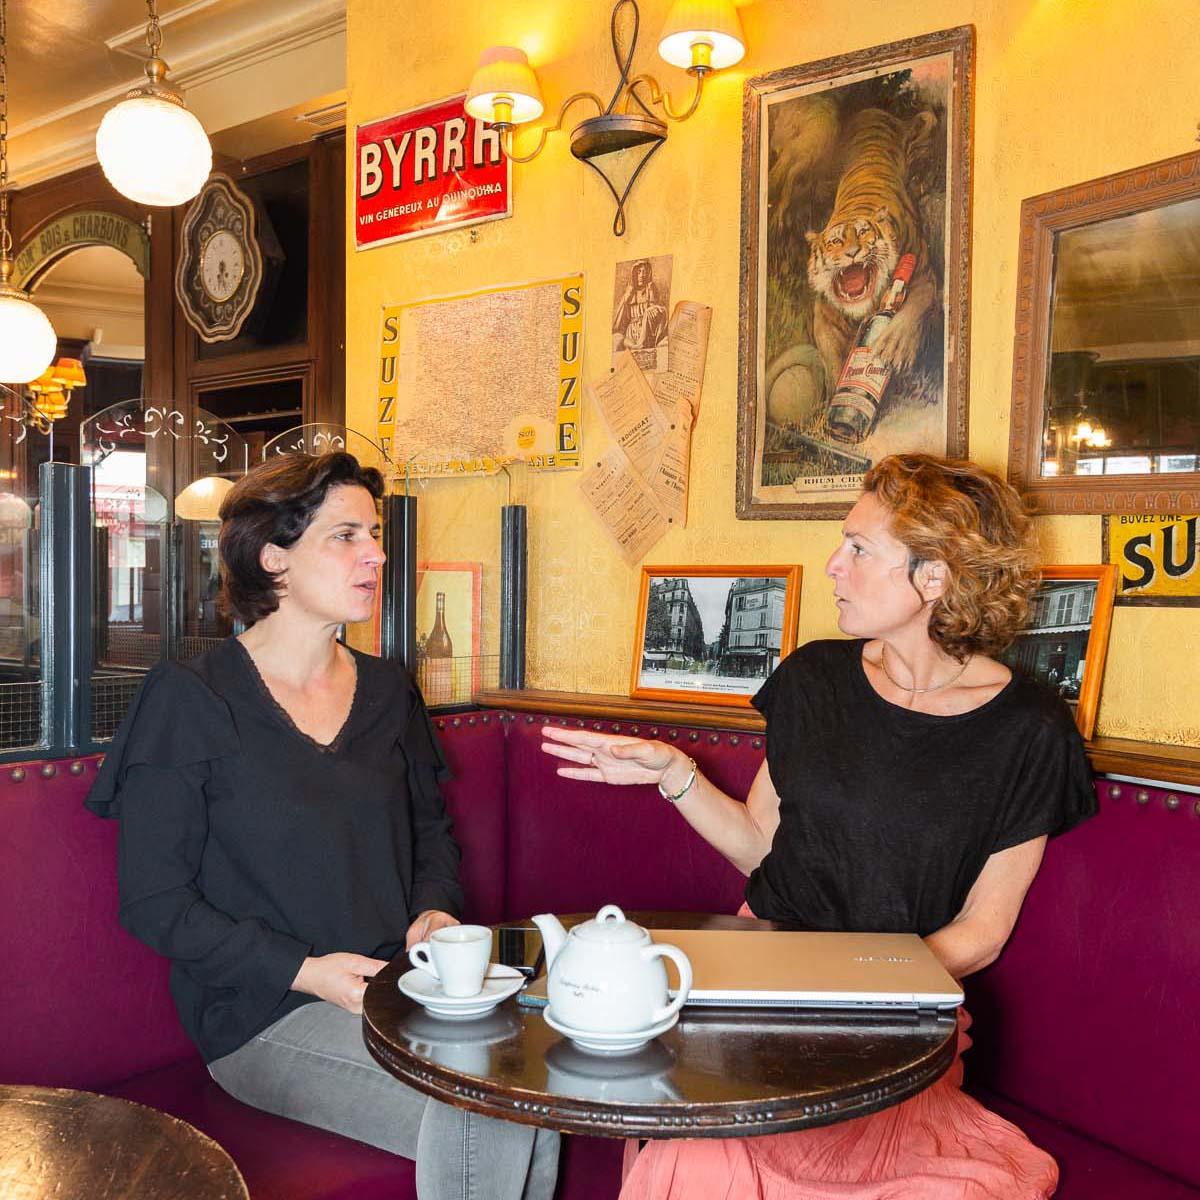 Diane et Veronique discutent